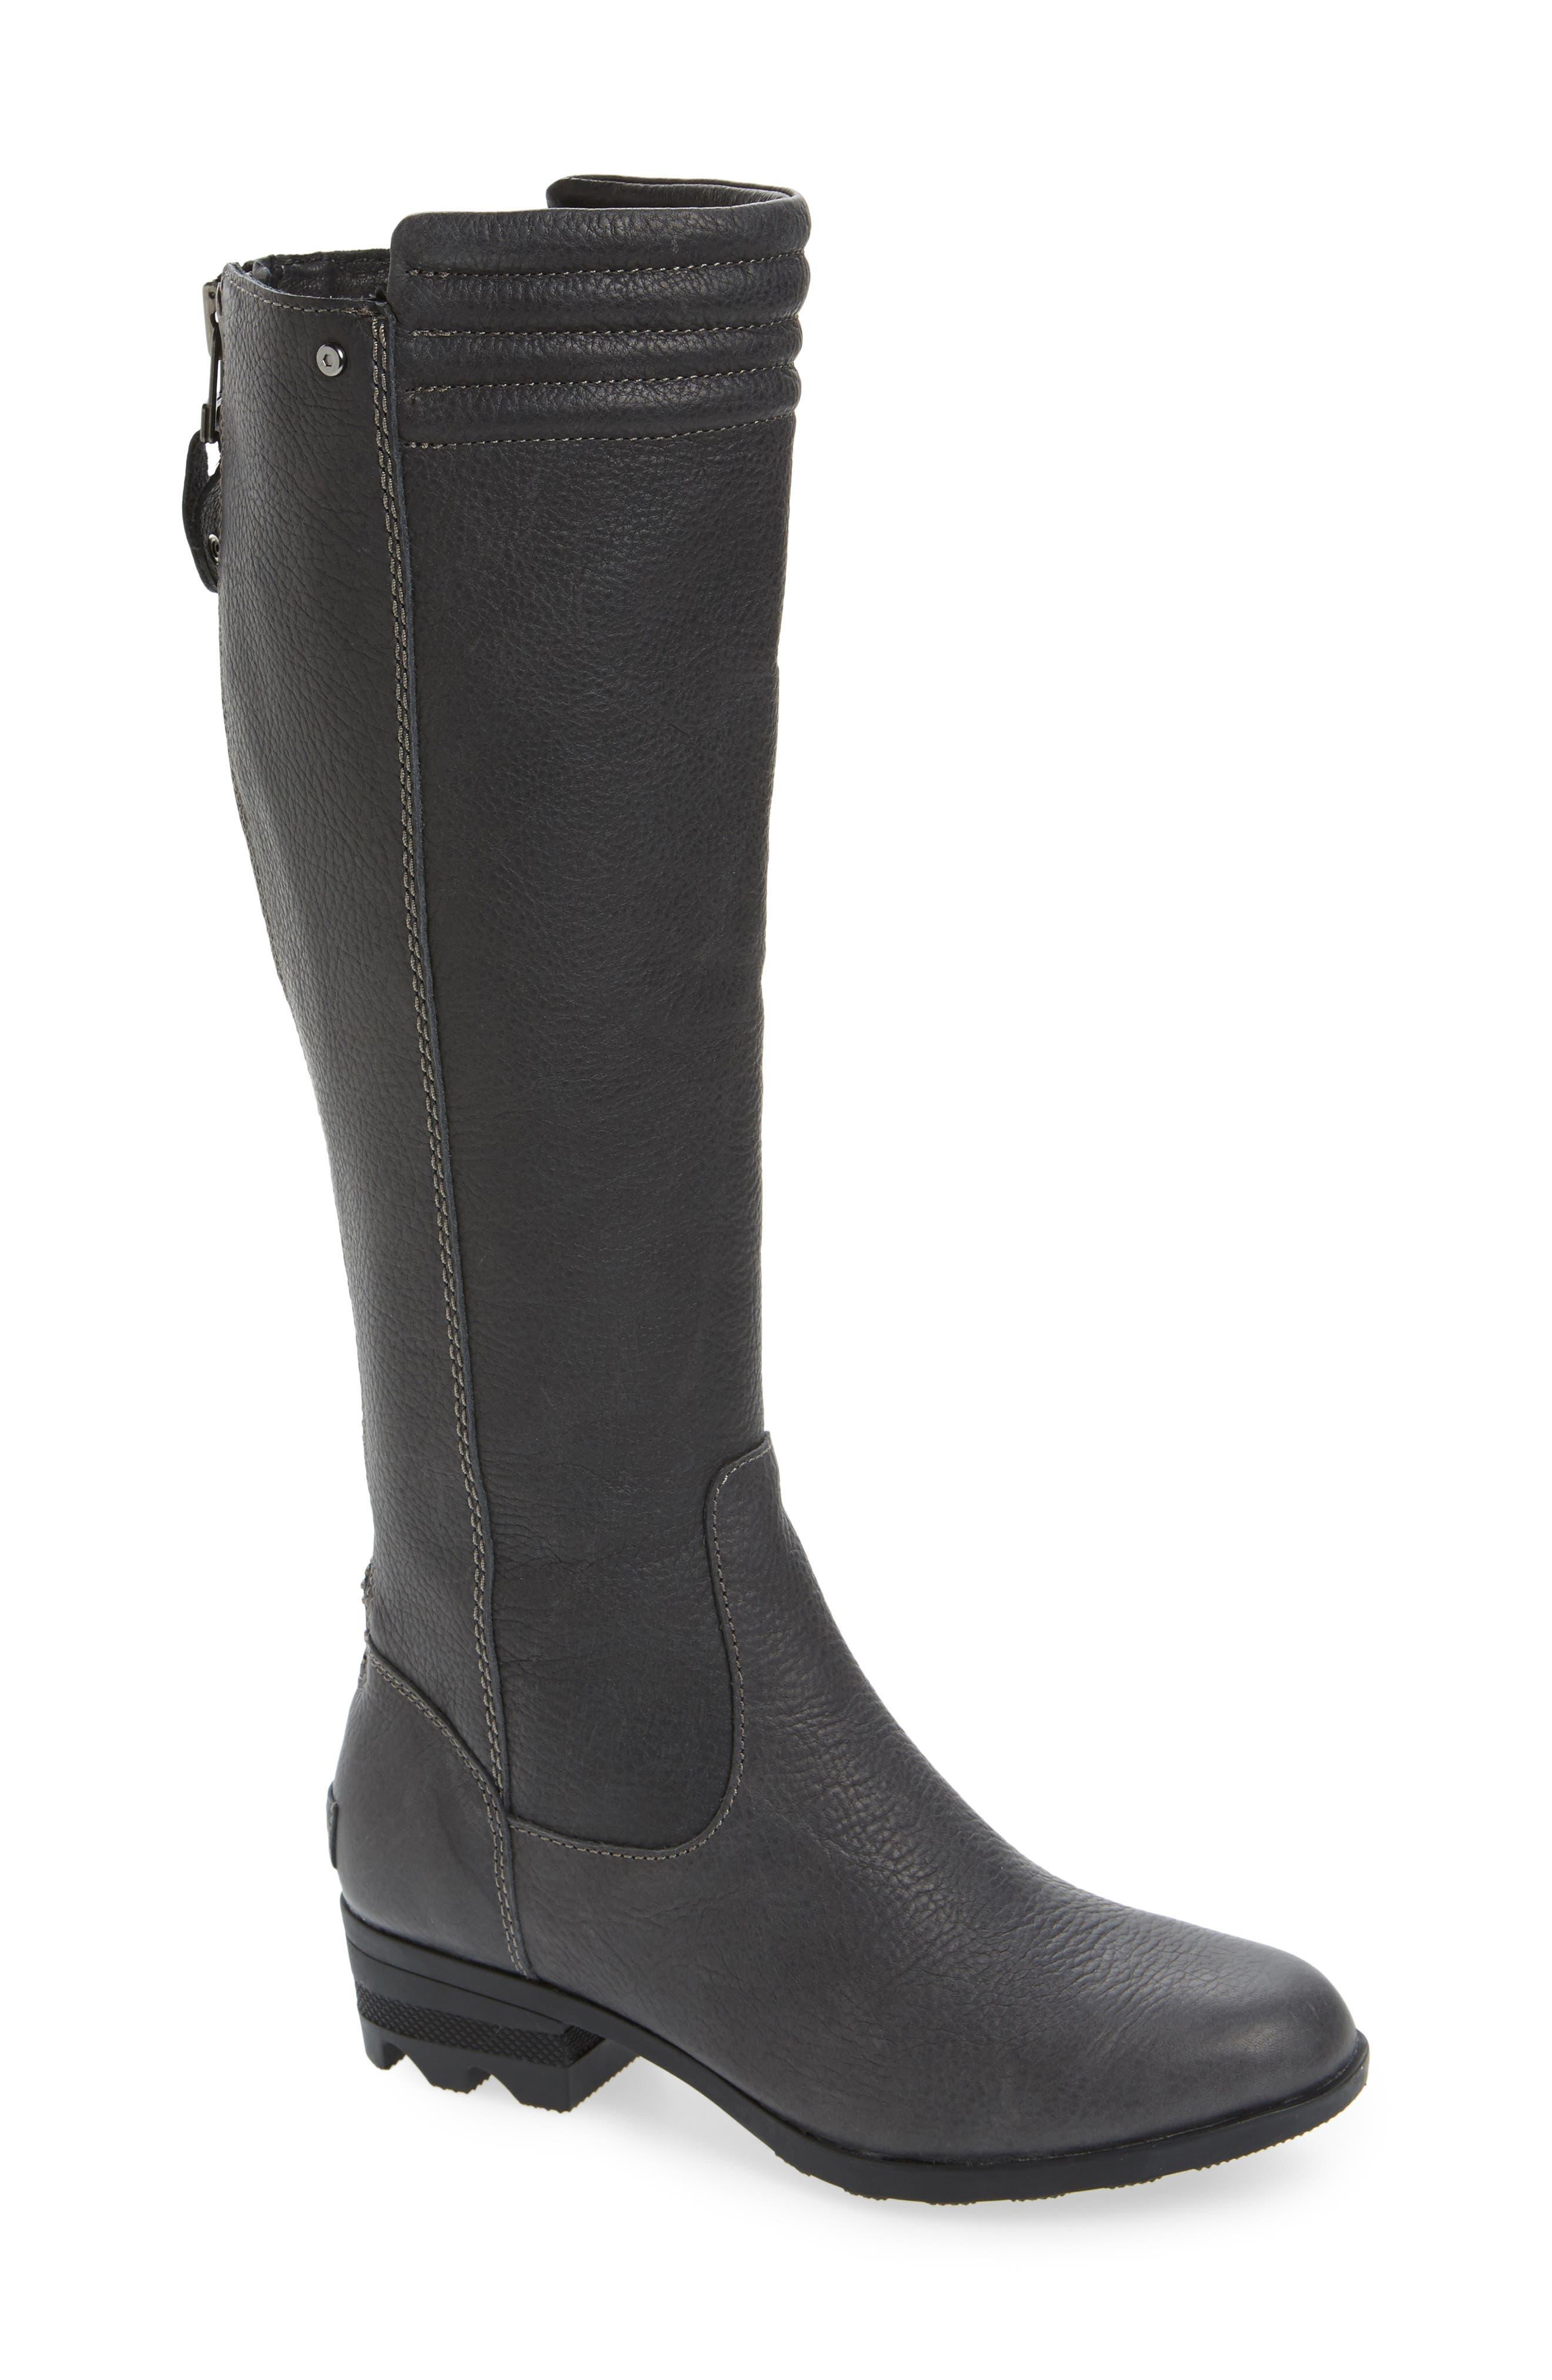 Danica Waterproof Knee High Boot,                             Main thumbnail 1, color,                             Quarry/ Black